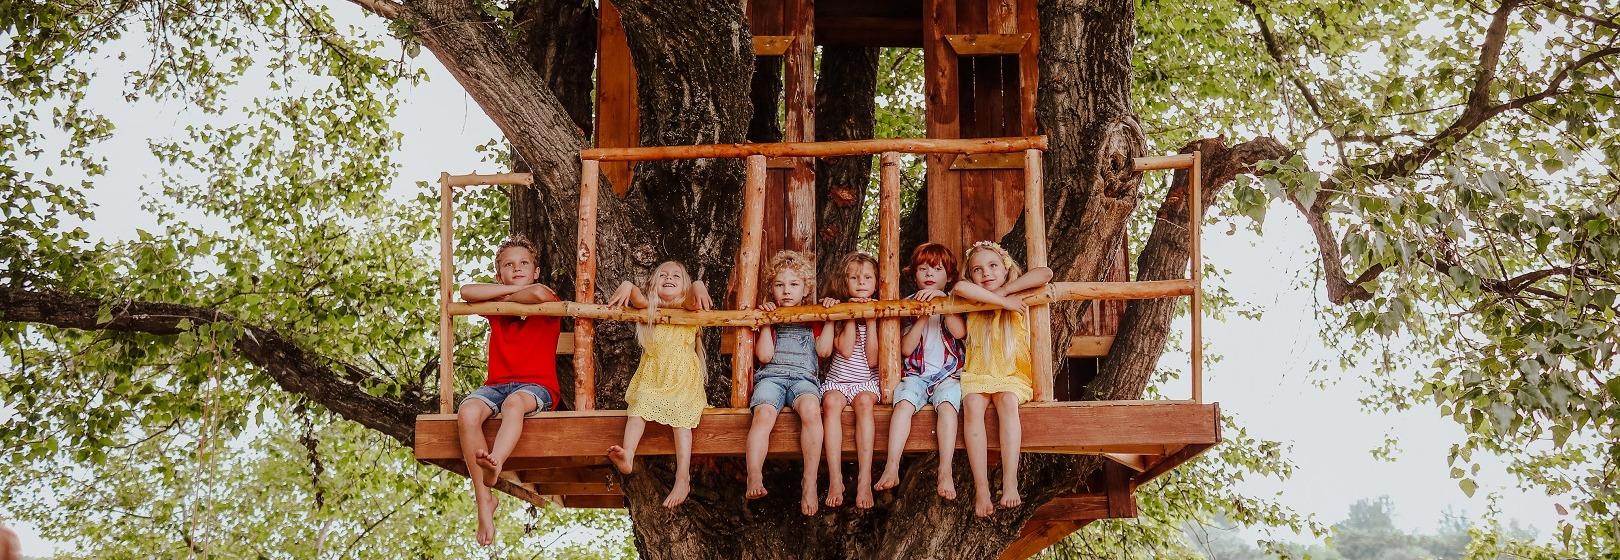 dzieci siedzące w domku na drzewie